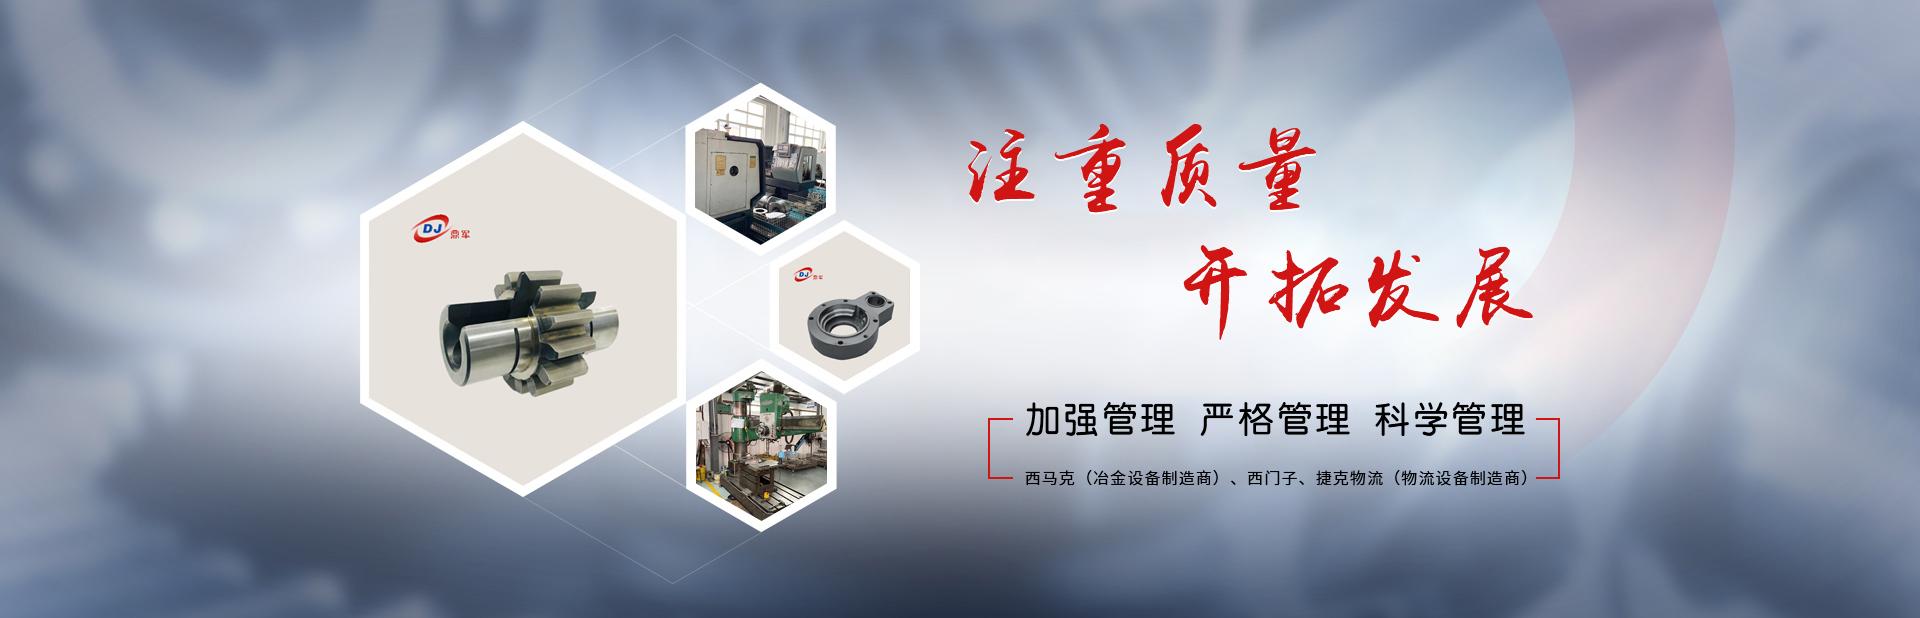 昆山CNC加工